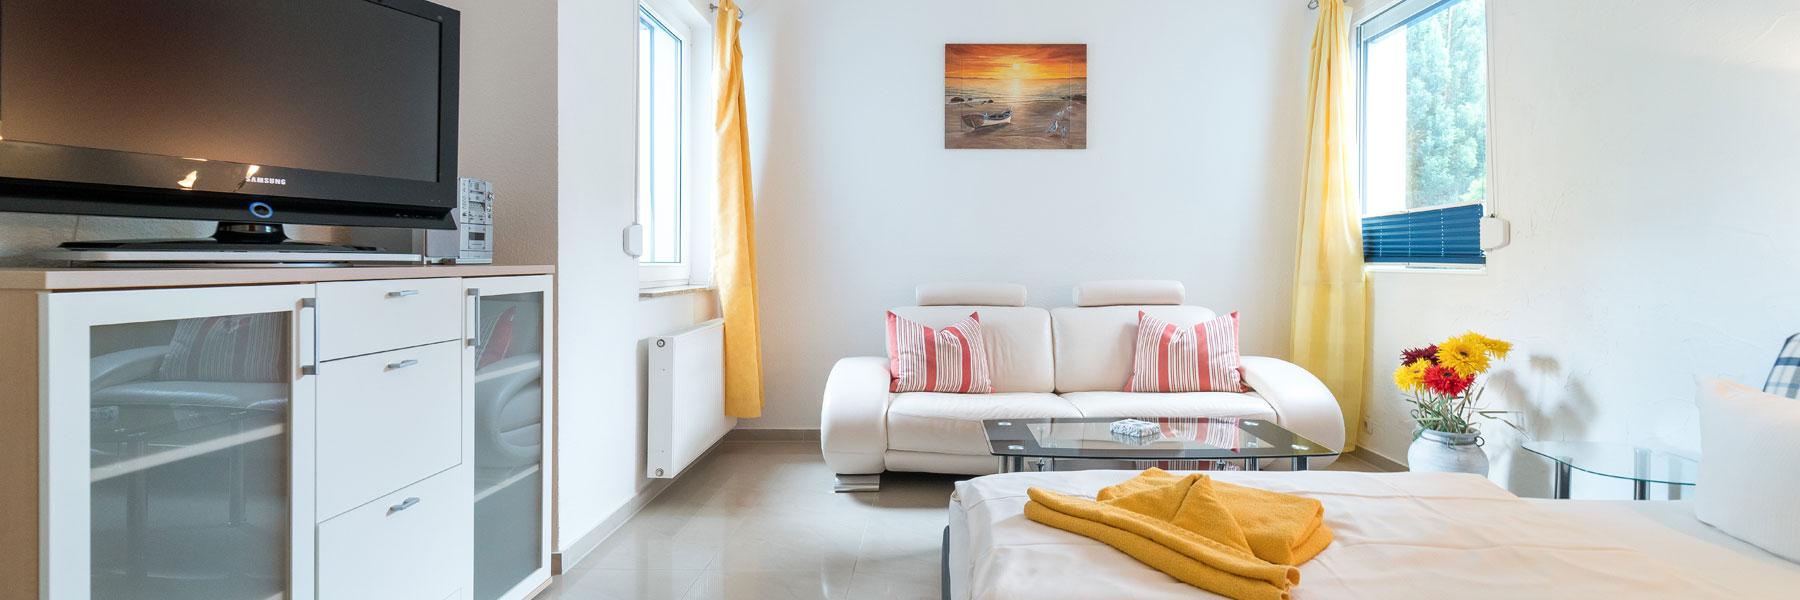 Comfort Doppelzimmer - Hotel Am Müritzhafen